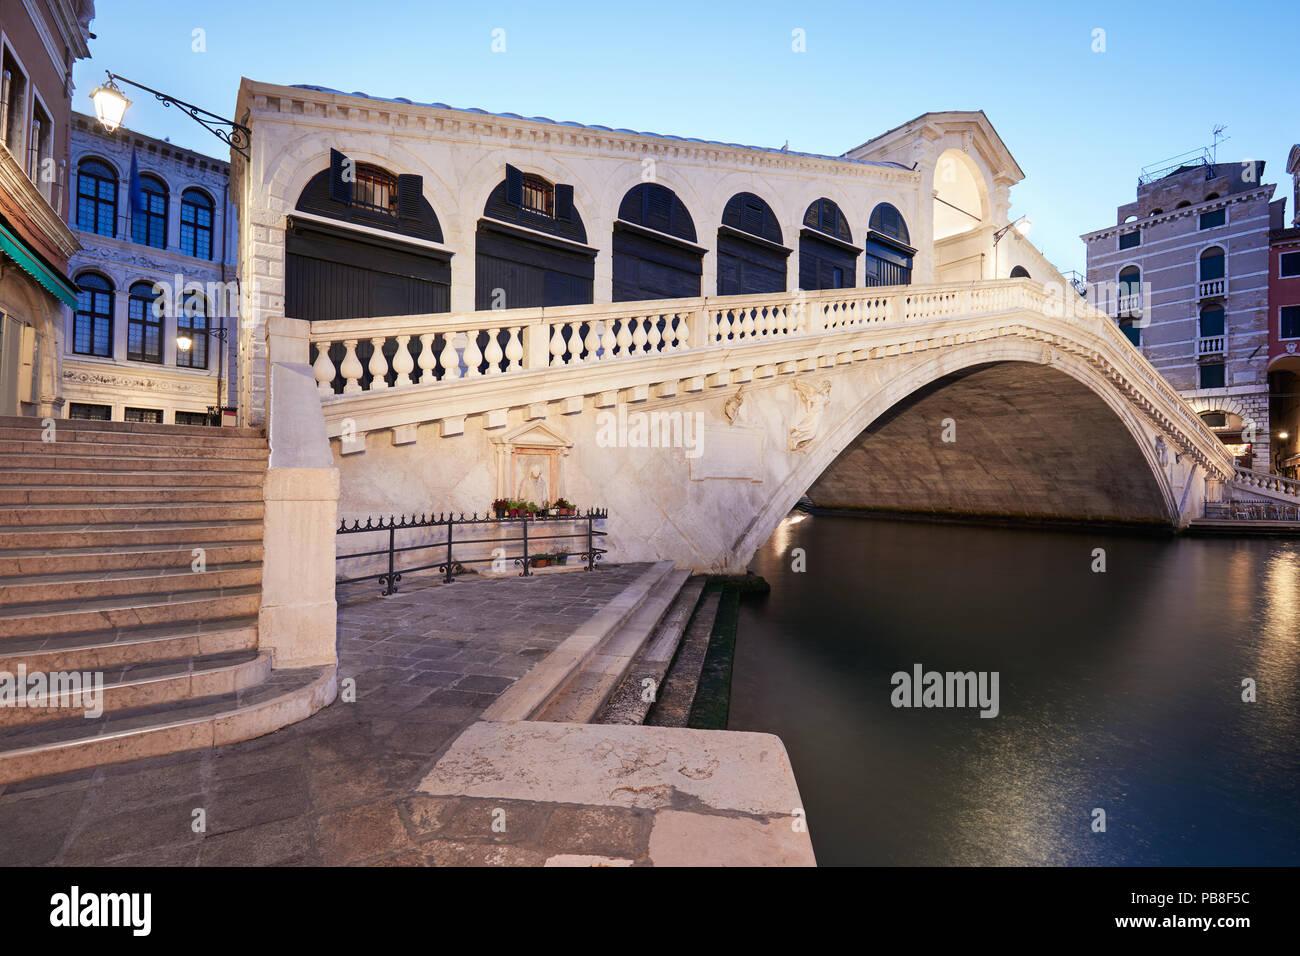 Le Grand Canal et le pont du Rialto, dans le matin, personne à Venise, Italie Photo Stock